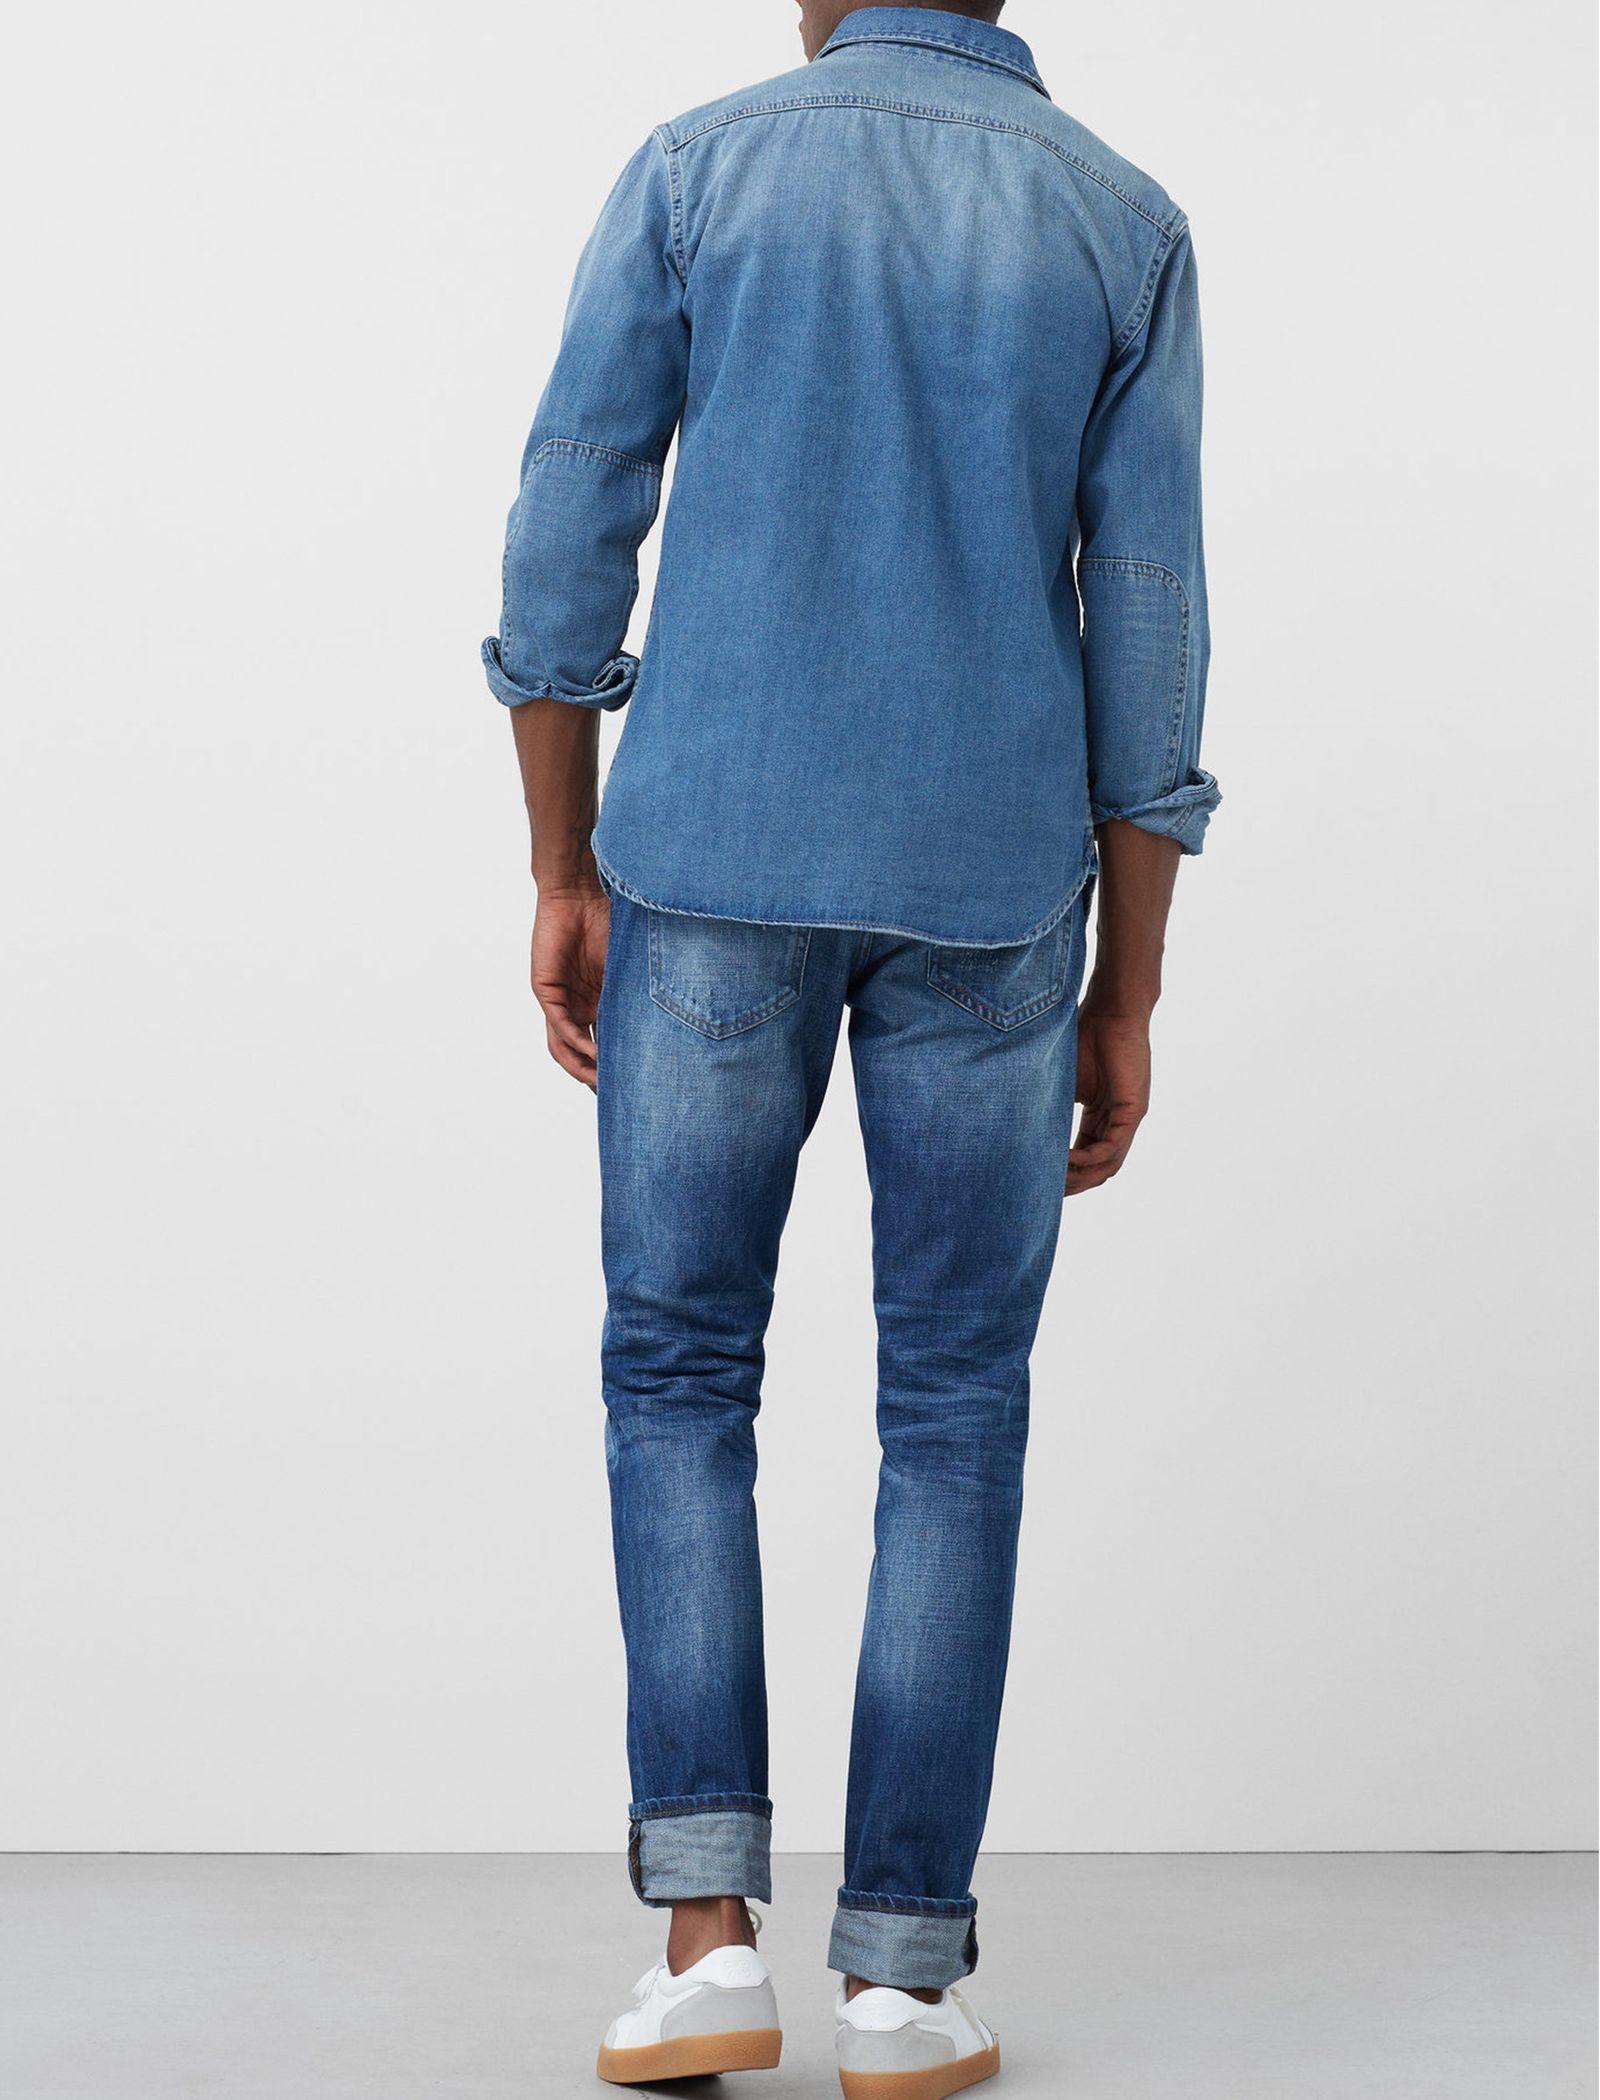 شلوار جین جذب مردانه - مانگو - آبي روشن - 3